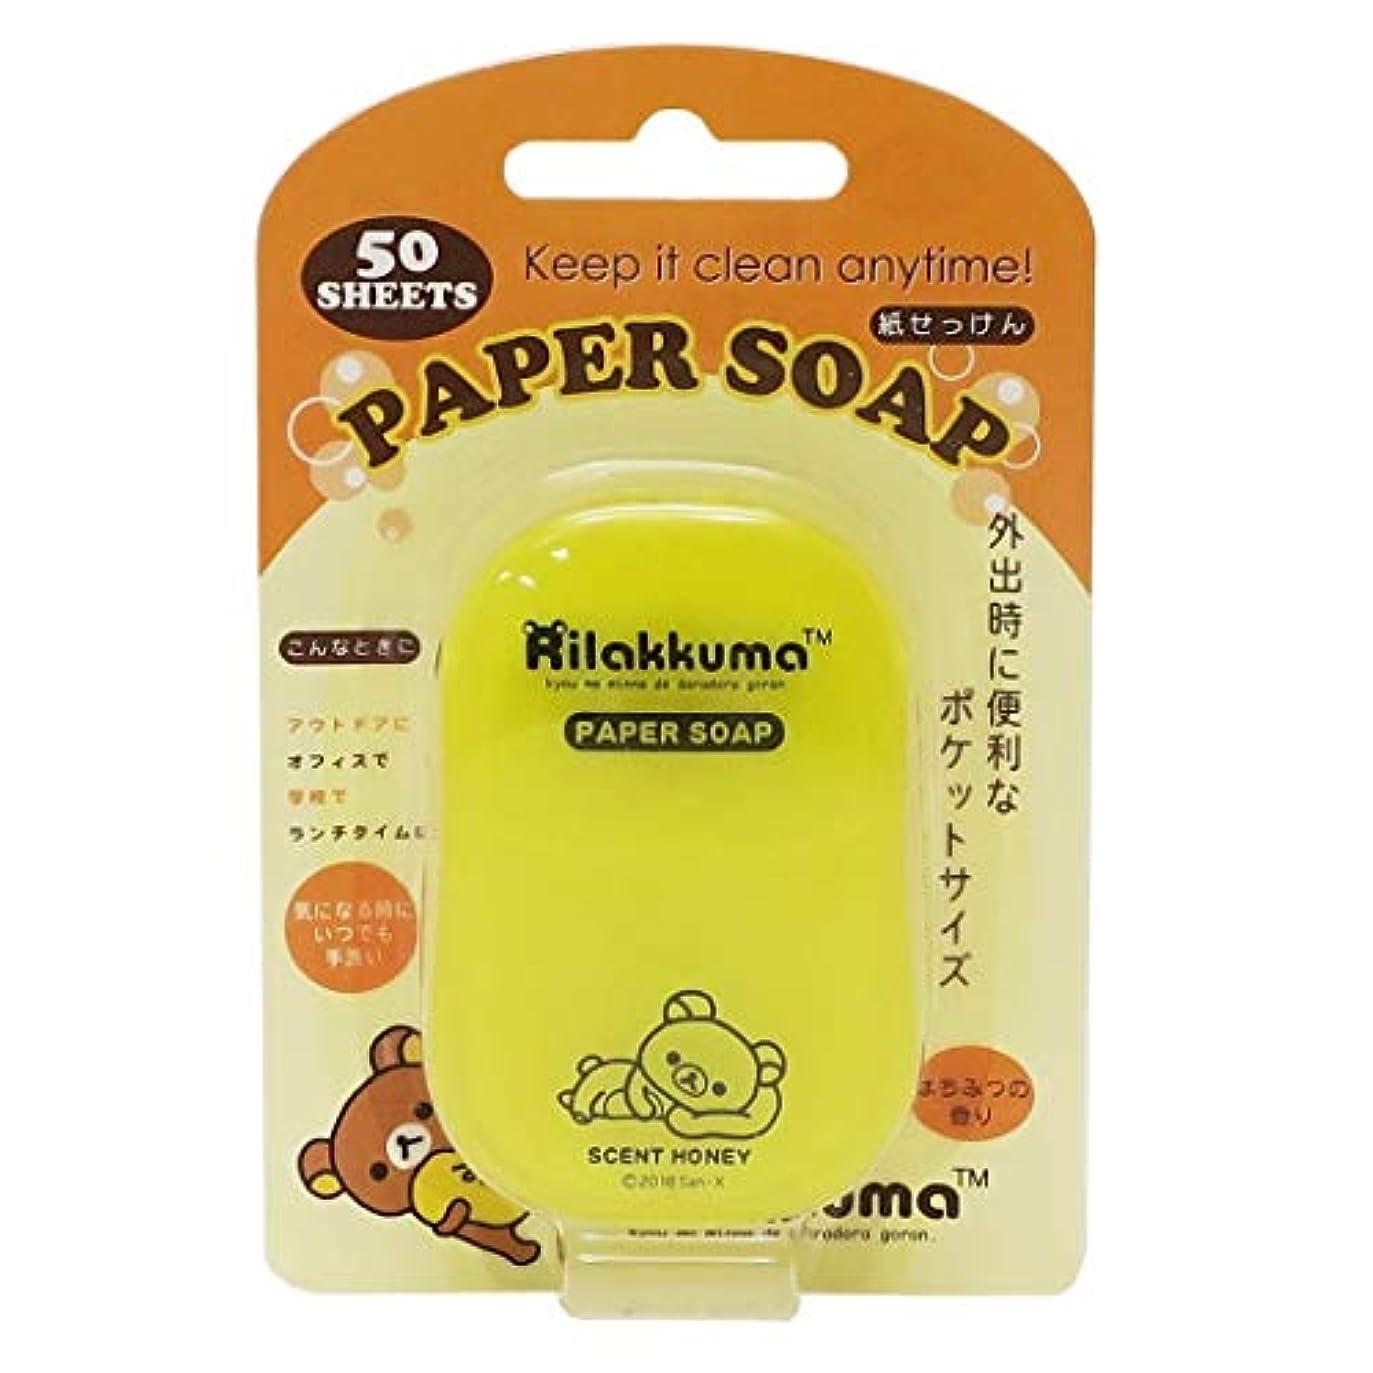 ふさわしいかろうじて松明【 2個 セット 】 リラックマ キャラクター 紙石鹸 はちみつの香り 100枚入り (50枚×2個)